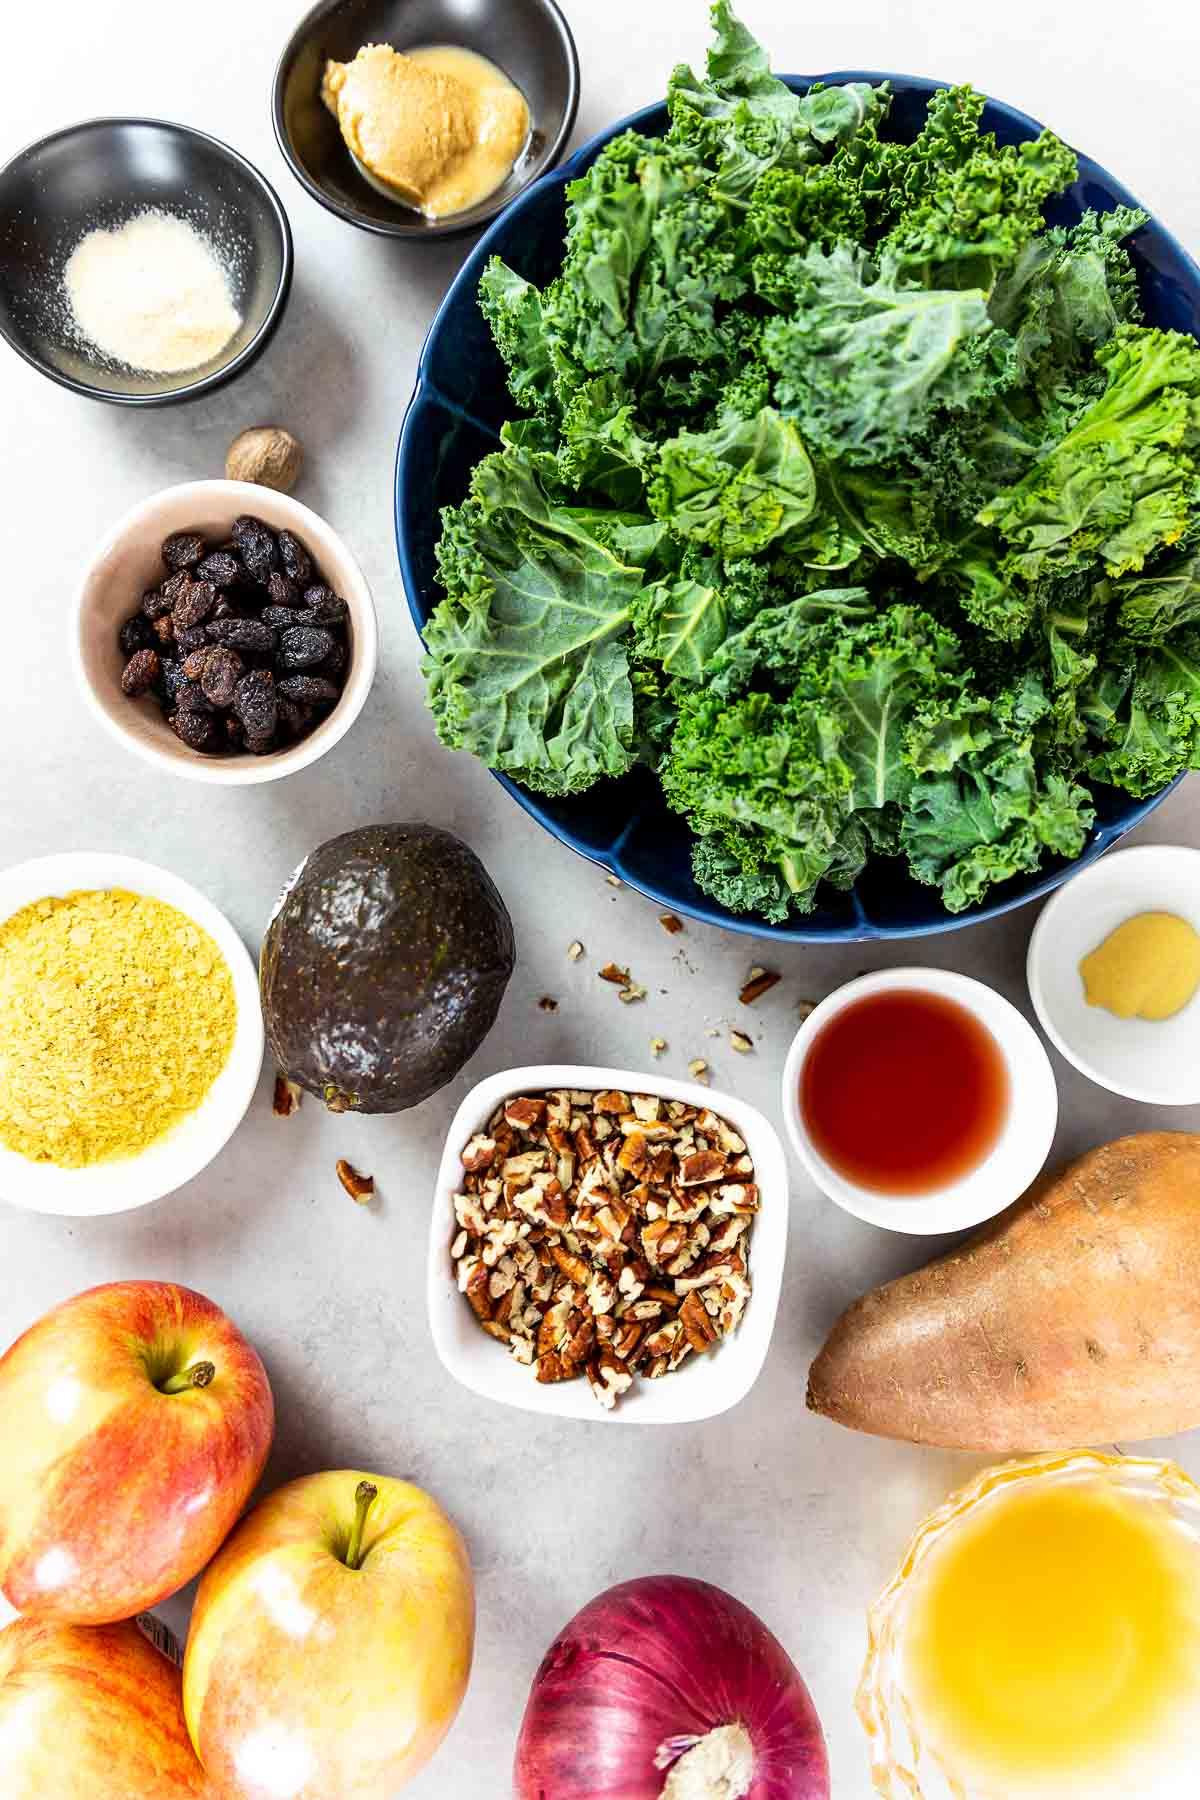 Ingredients shot of vegan kale salad with apples, sweet potato